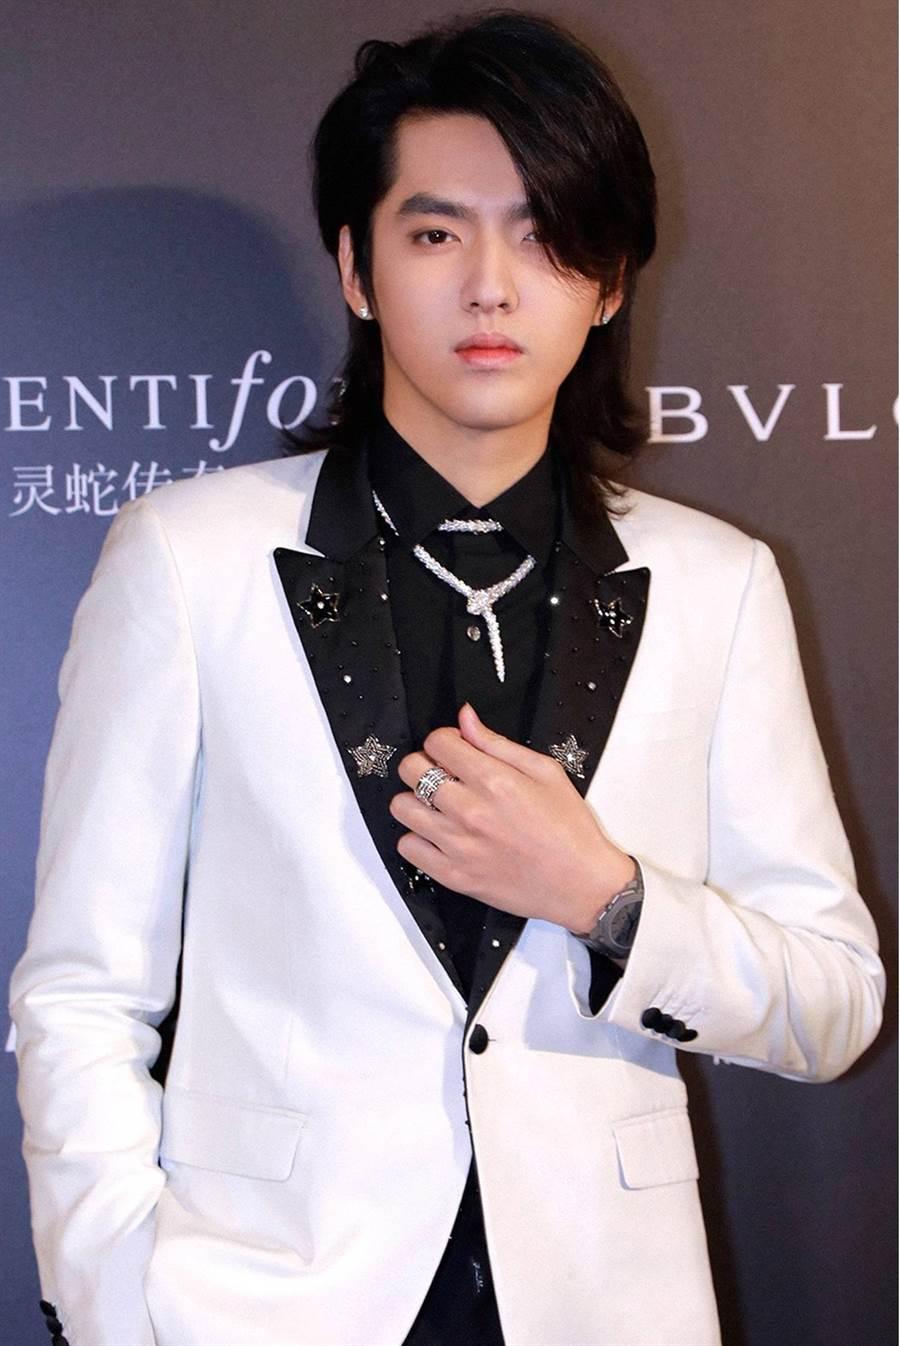 宝格丽品牌代言人吴亦凡出席《SerpentiForm》灵蛇传奇珠宝艺术展开幕派对。